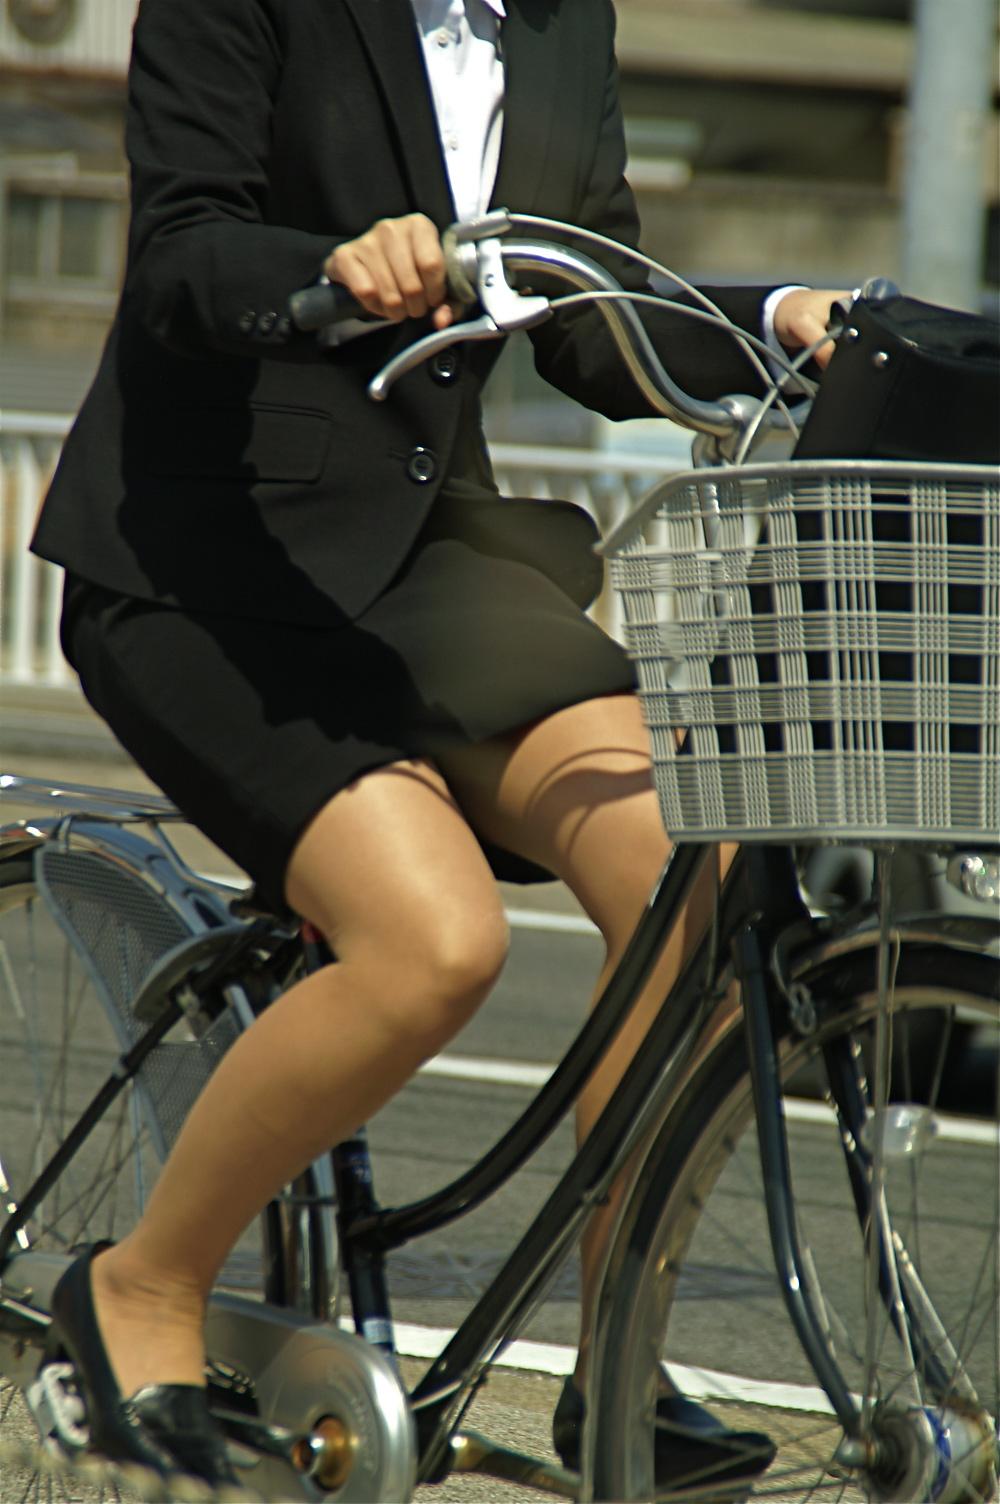 ショートカットの素人OL自転車を盗撮したエロ画像3枚目